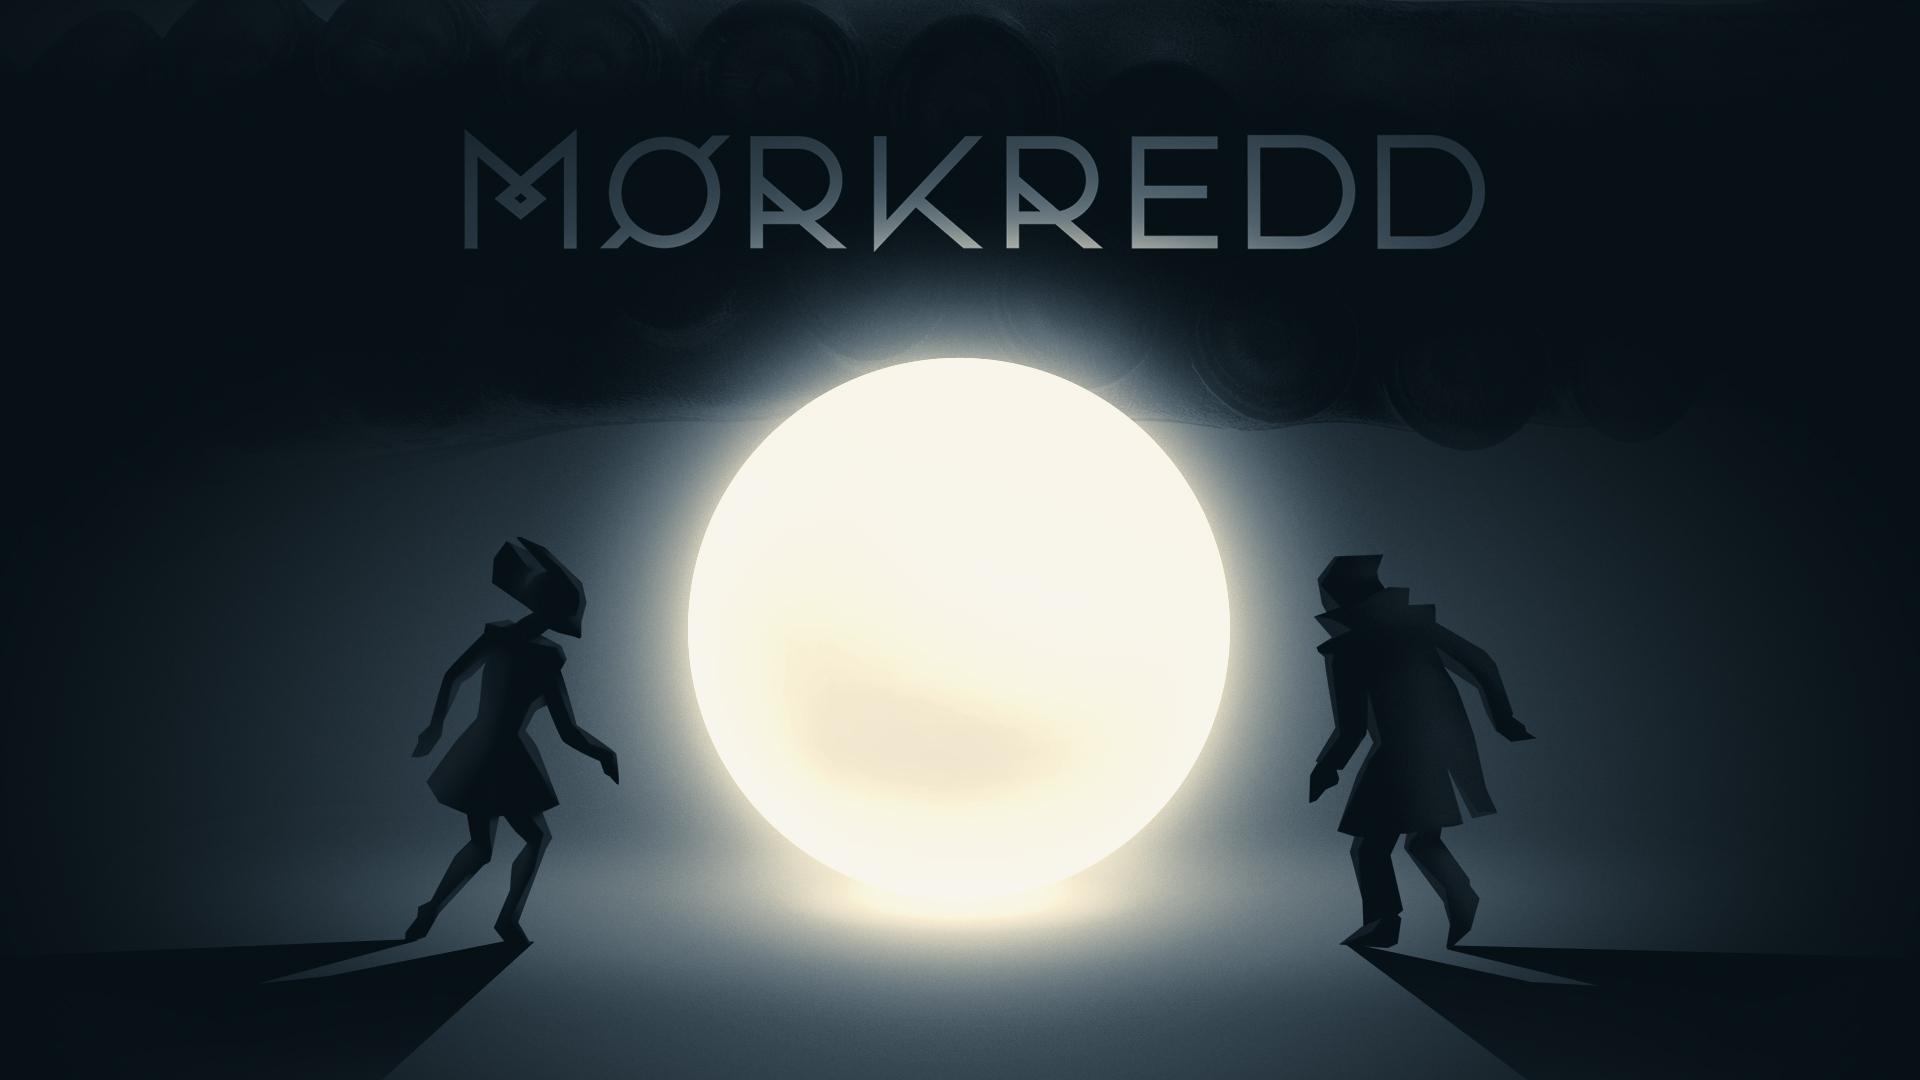 Aspyr oznámil kooperativní hru Morkredd pro konzole Xbox